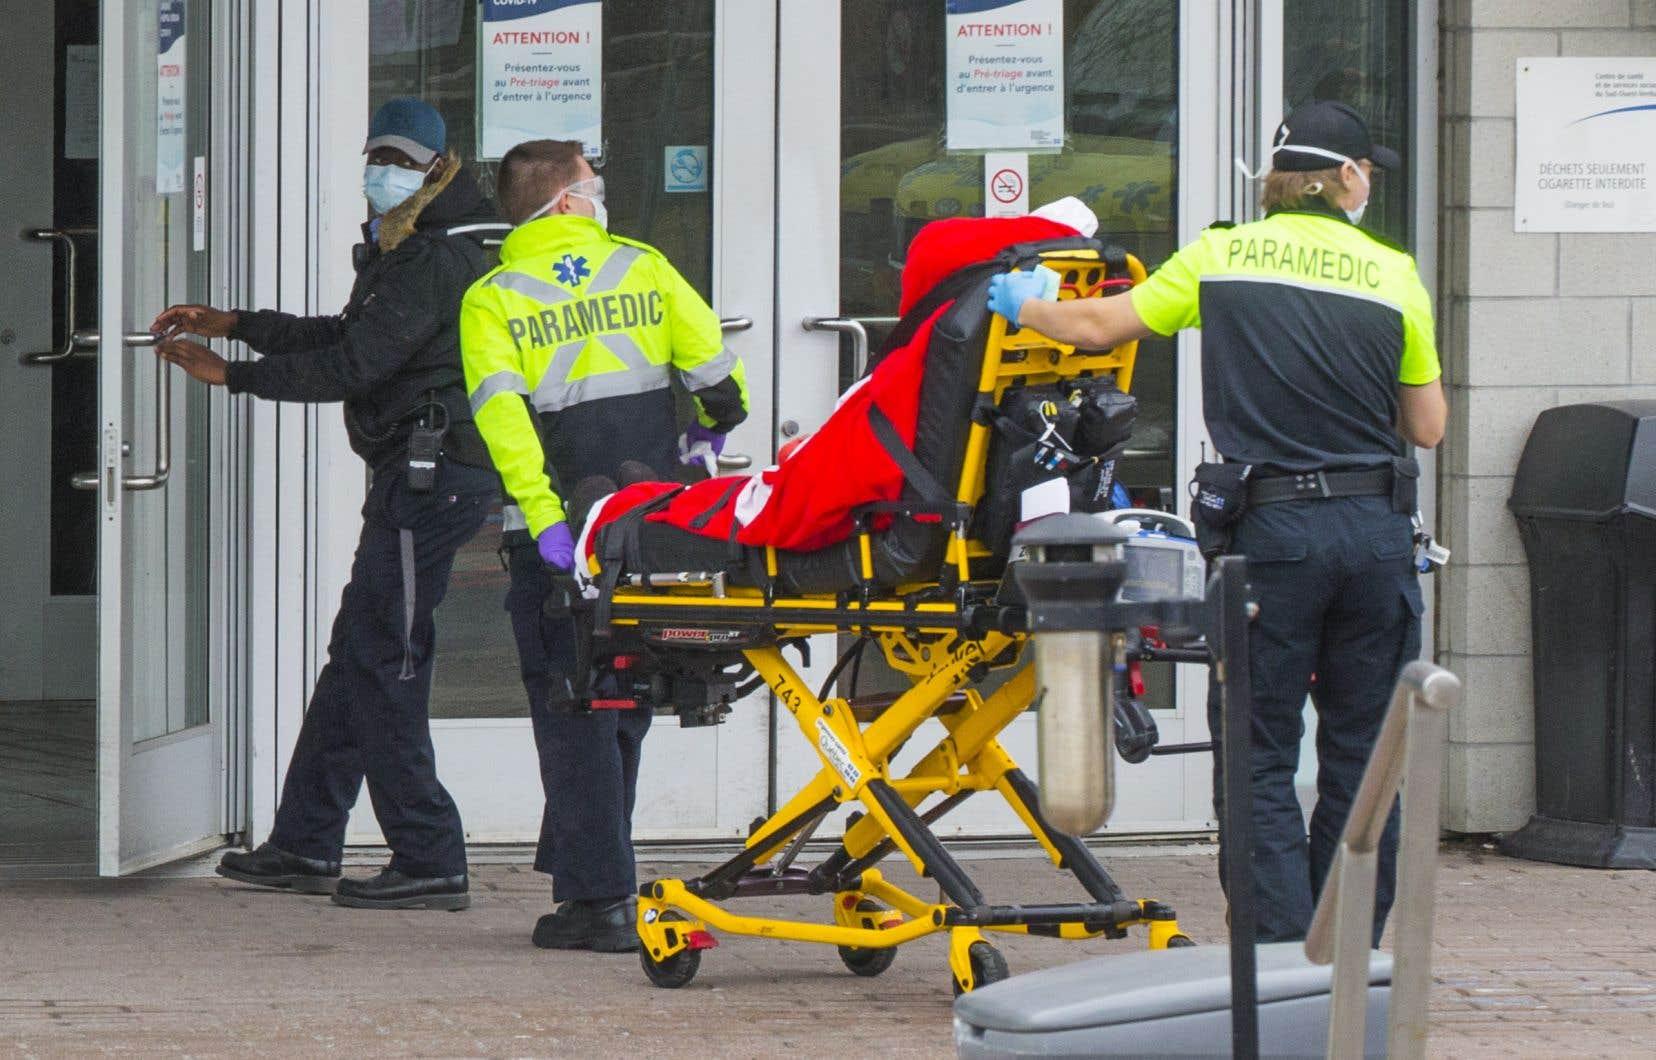 Dans plusieurs régions, la capacité d'accueil des urgences était dépassée lundi, atteignantplus de 150% dans Lanaudière et plus de 100% à Montréal, entre autres.